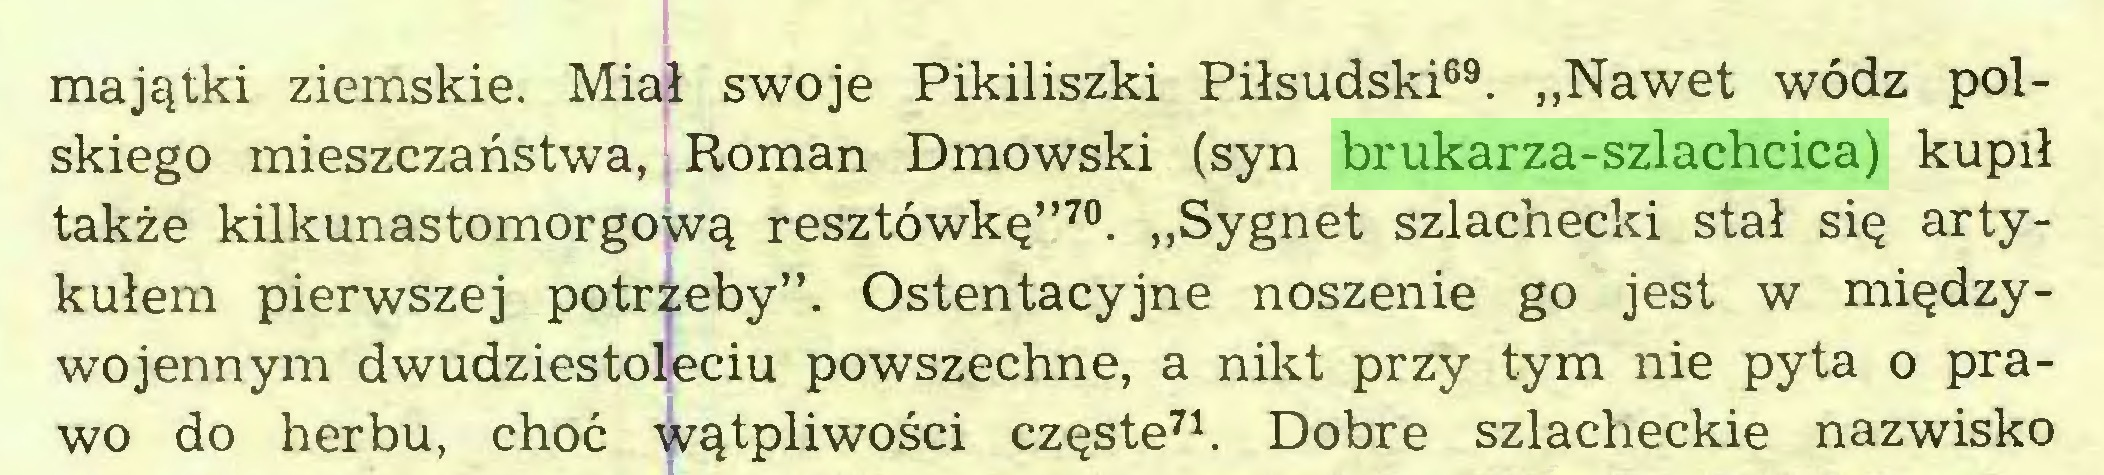 """(...) majątki ziemskie. Miał swoje Pikiliszki Piłsudski69. """"Nawet wódz polskiego mieszczaństwa, Roman Dmowski (syn brukarza-szlachcica) kupił także kilkunastomorgową resztówkę""""70. """"Sygnet szlachecki stał się artykułem pierwszej potrzeby"""". Ostentacyjne noszenie go jest w międzywojennym dwudziestoleciu powszechne, a nikt przy tym nie pyta o prawo do herbu, choć wątpliwości częste71. Dobre szlacheckie nazwisko..."""